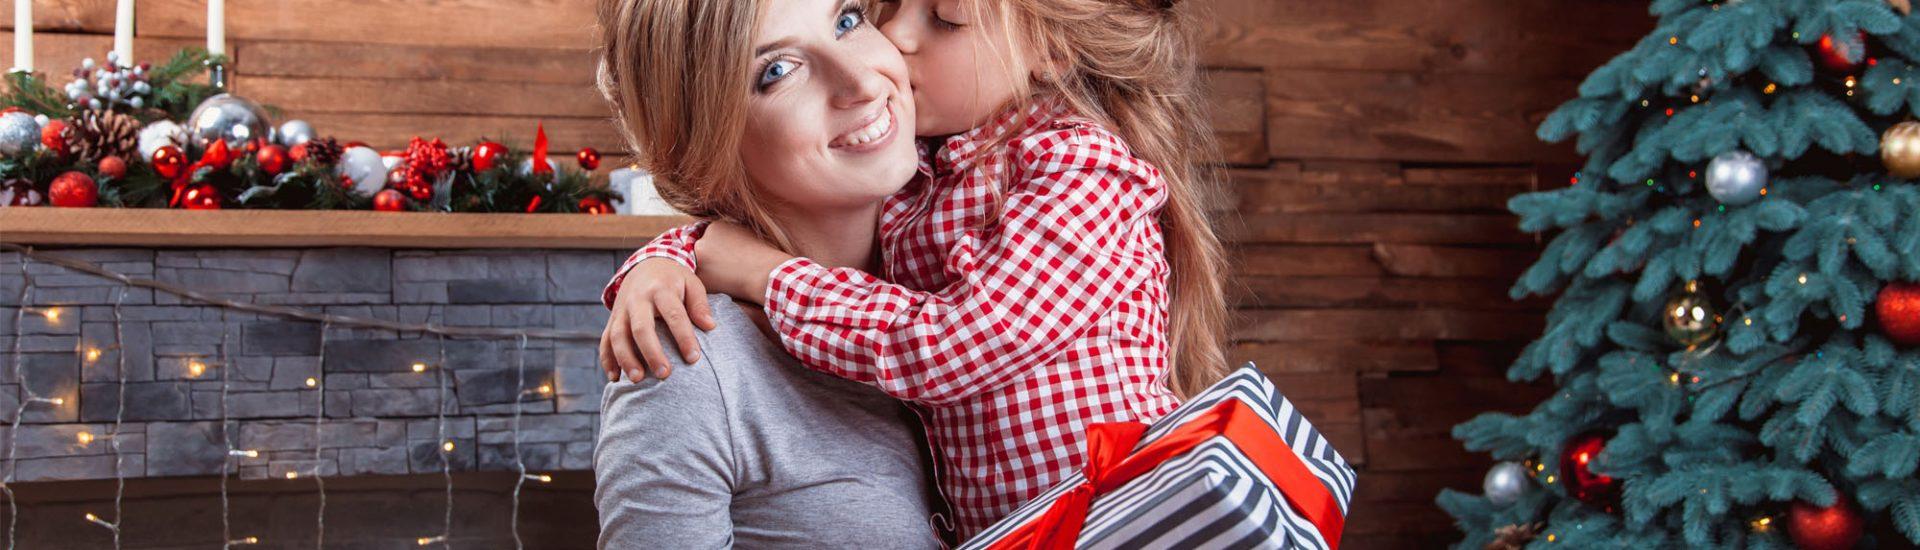 Weihnachtsgeschenke für Mama - Top 10 Inspirationen